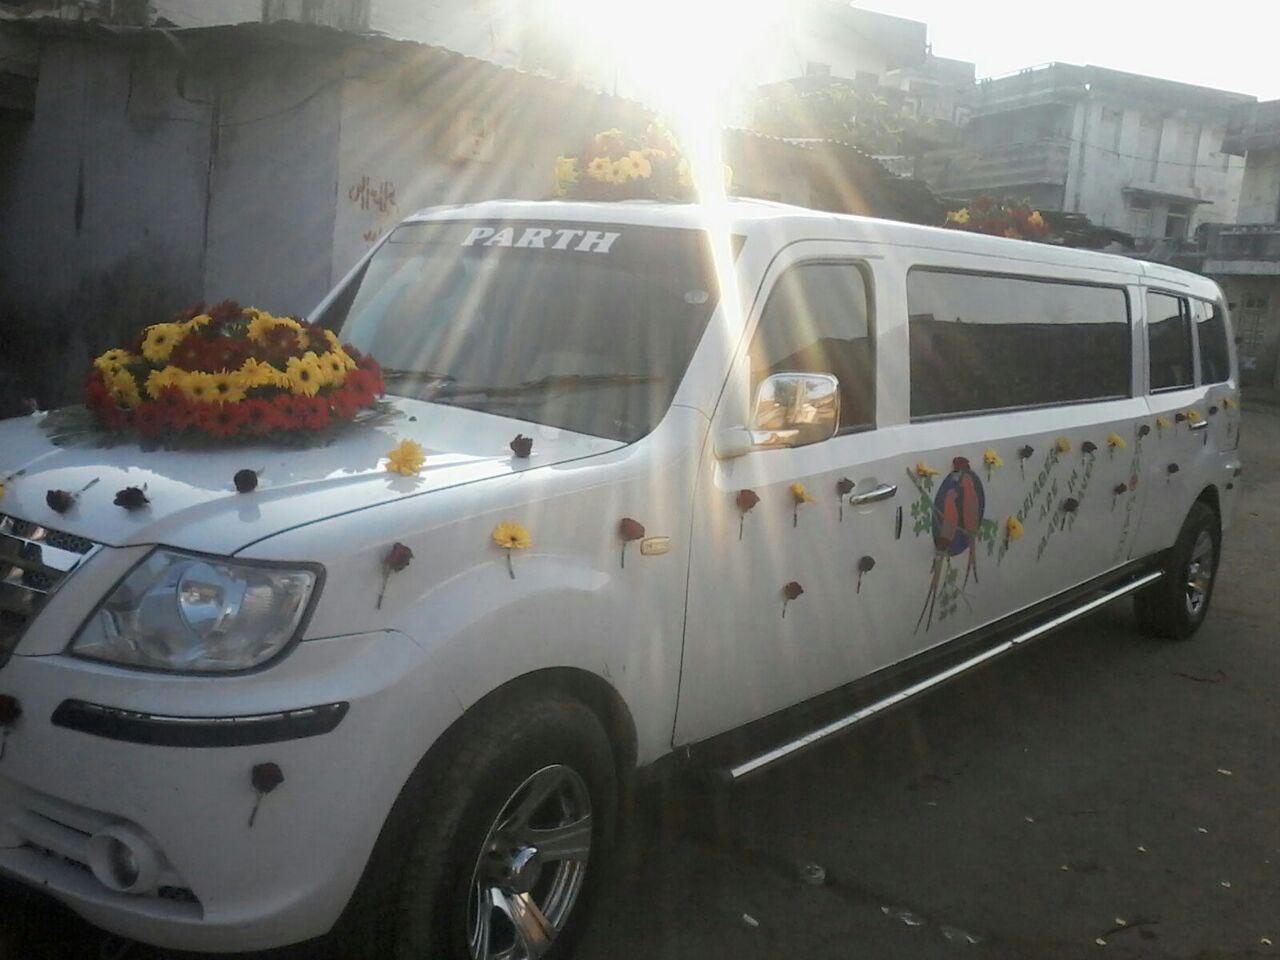 Parth Bus Services Pvt. Ltd.